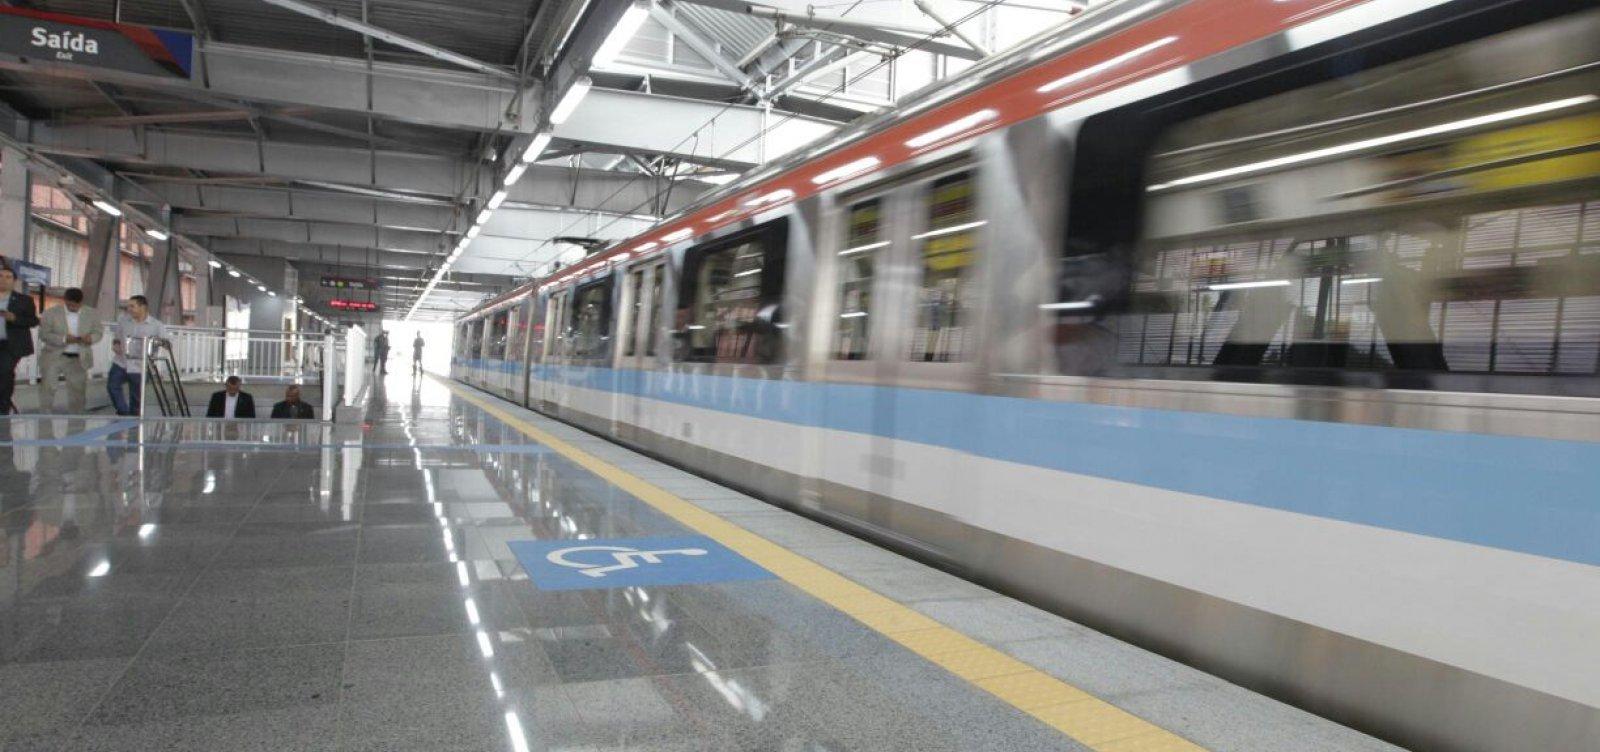 [Trem de metrô de Salvador quebra durante viagem]